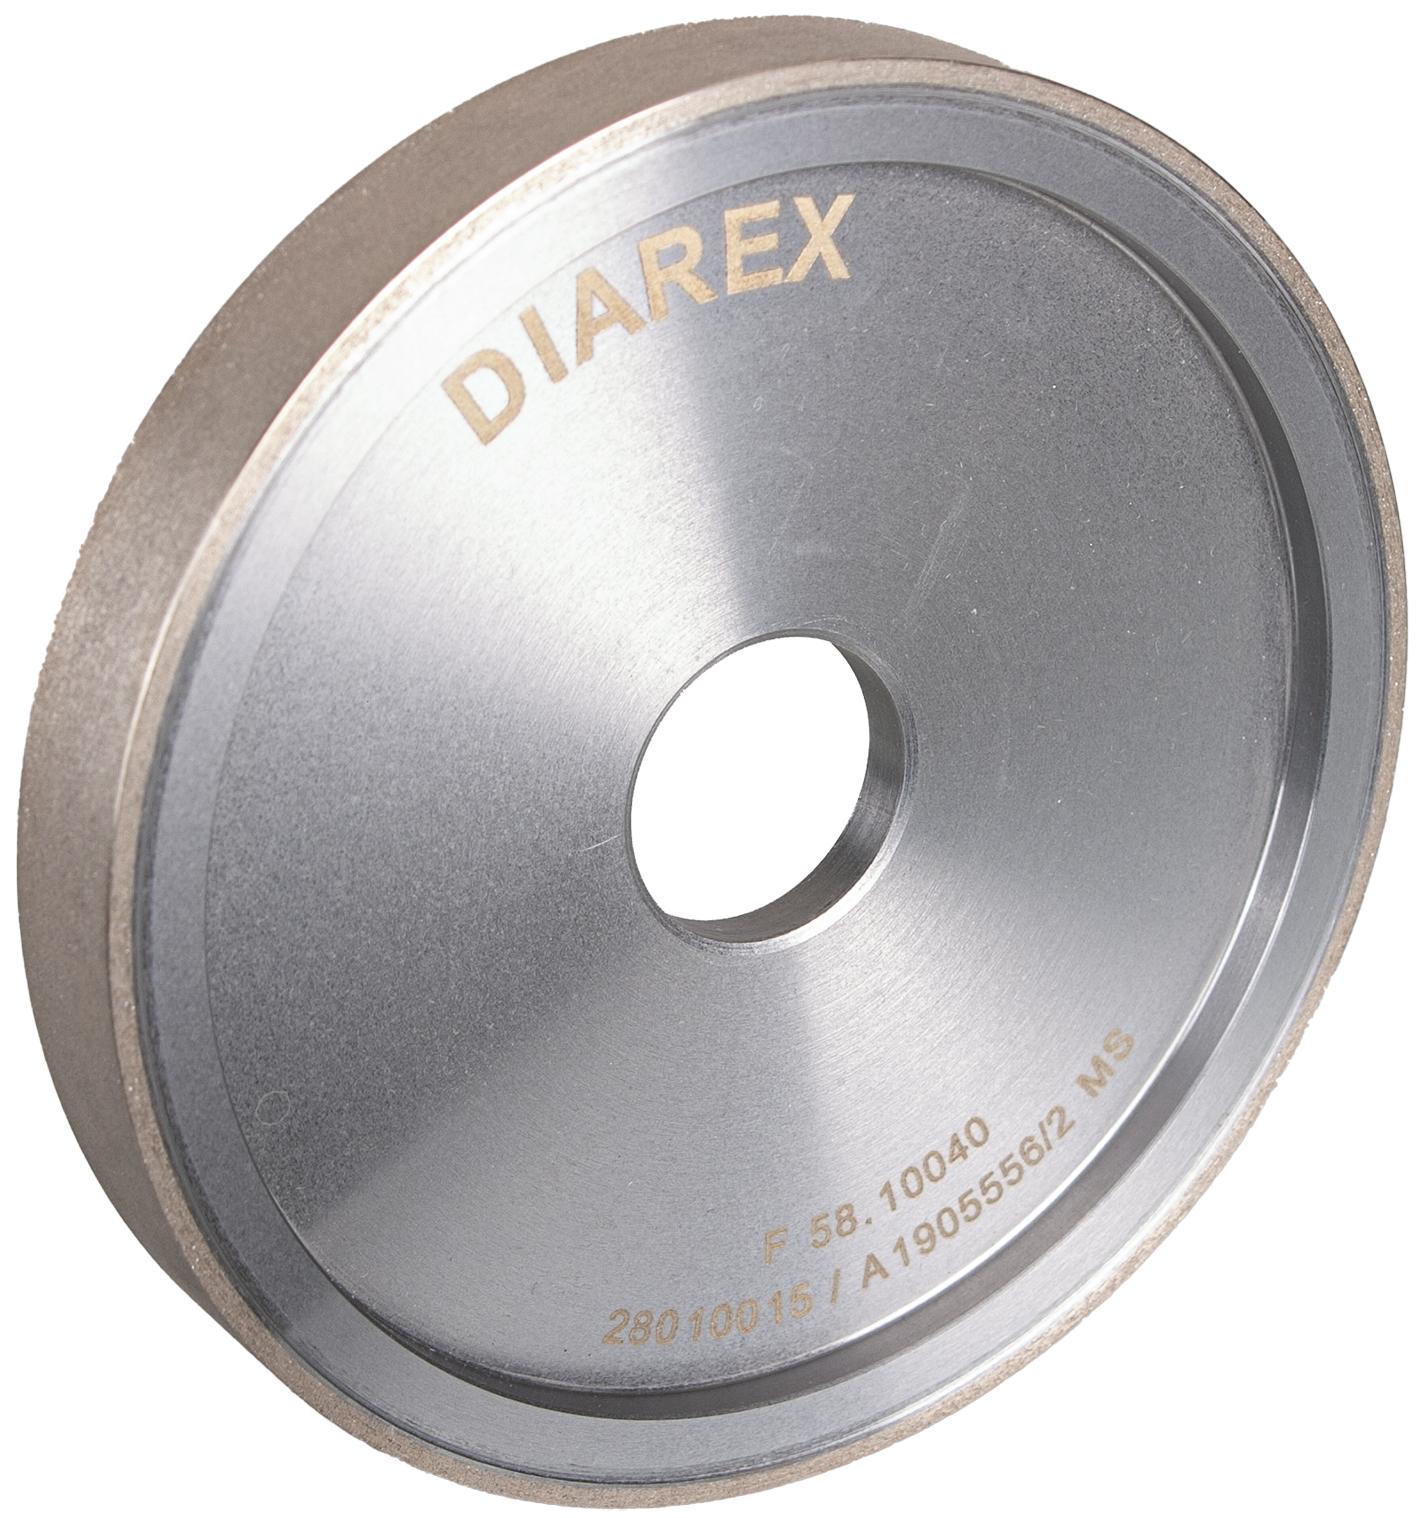 DIAREX Werkzeugschleifscheibe ø 150 mm | Bohrung 32 mm | Breite 20 mm